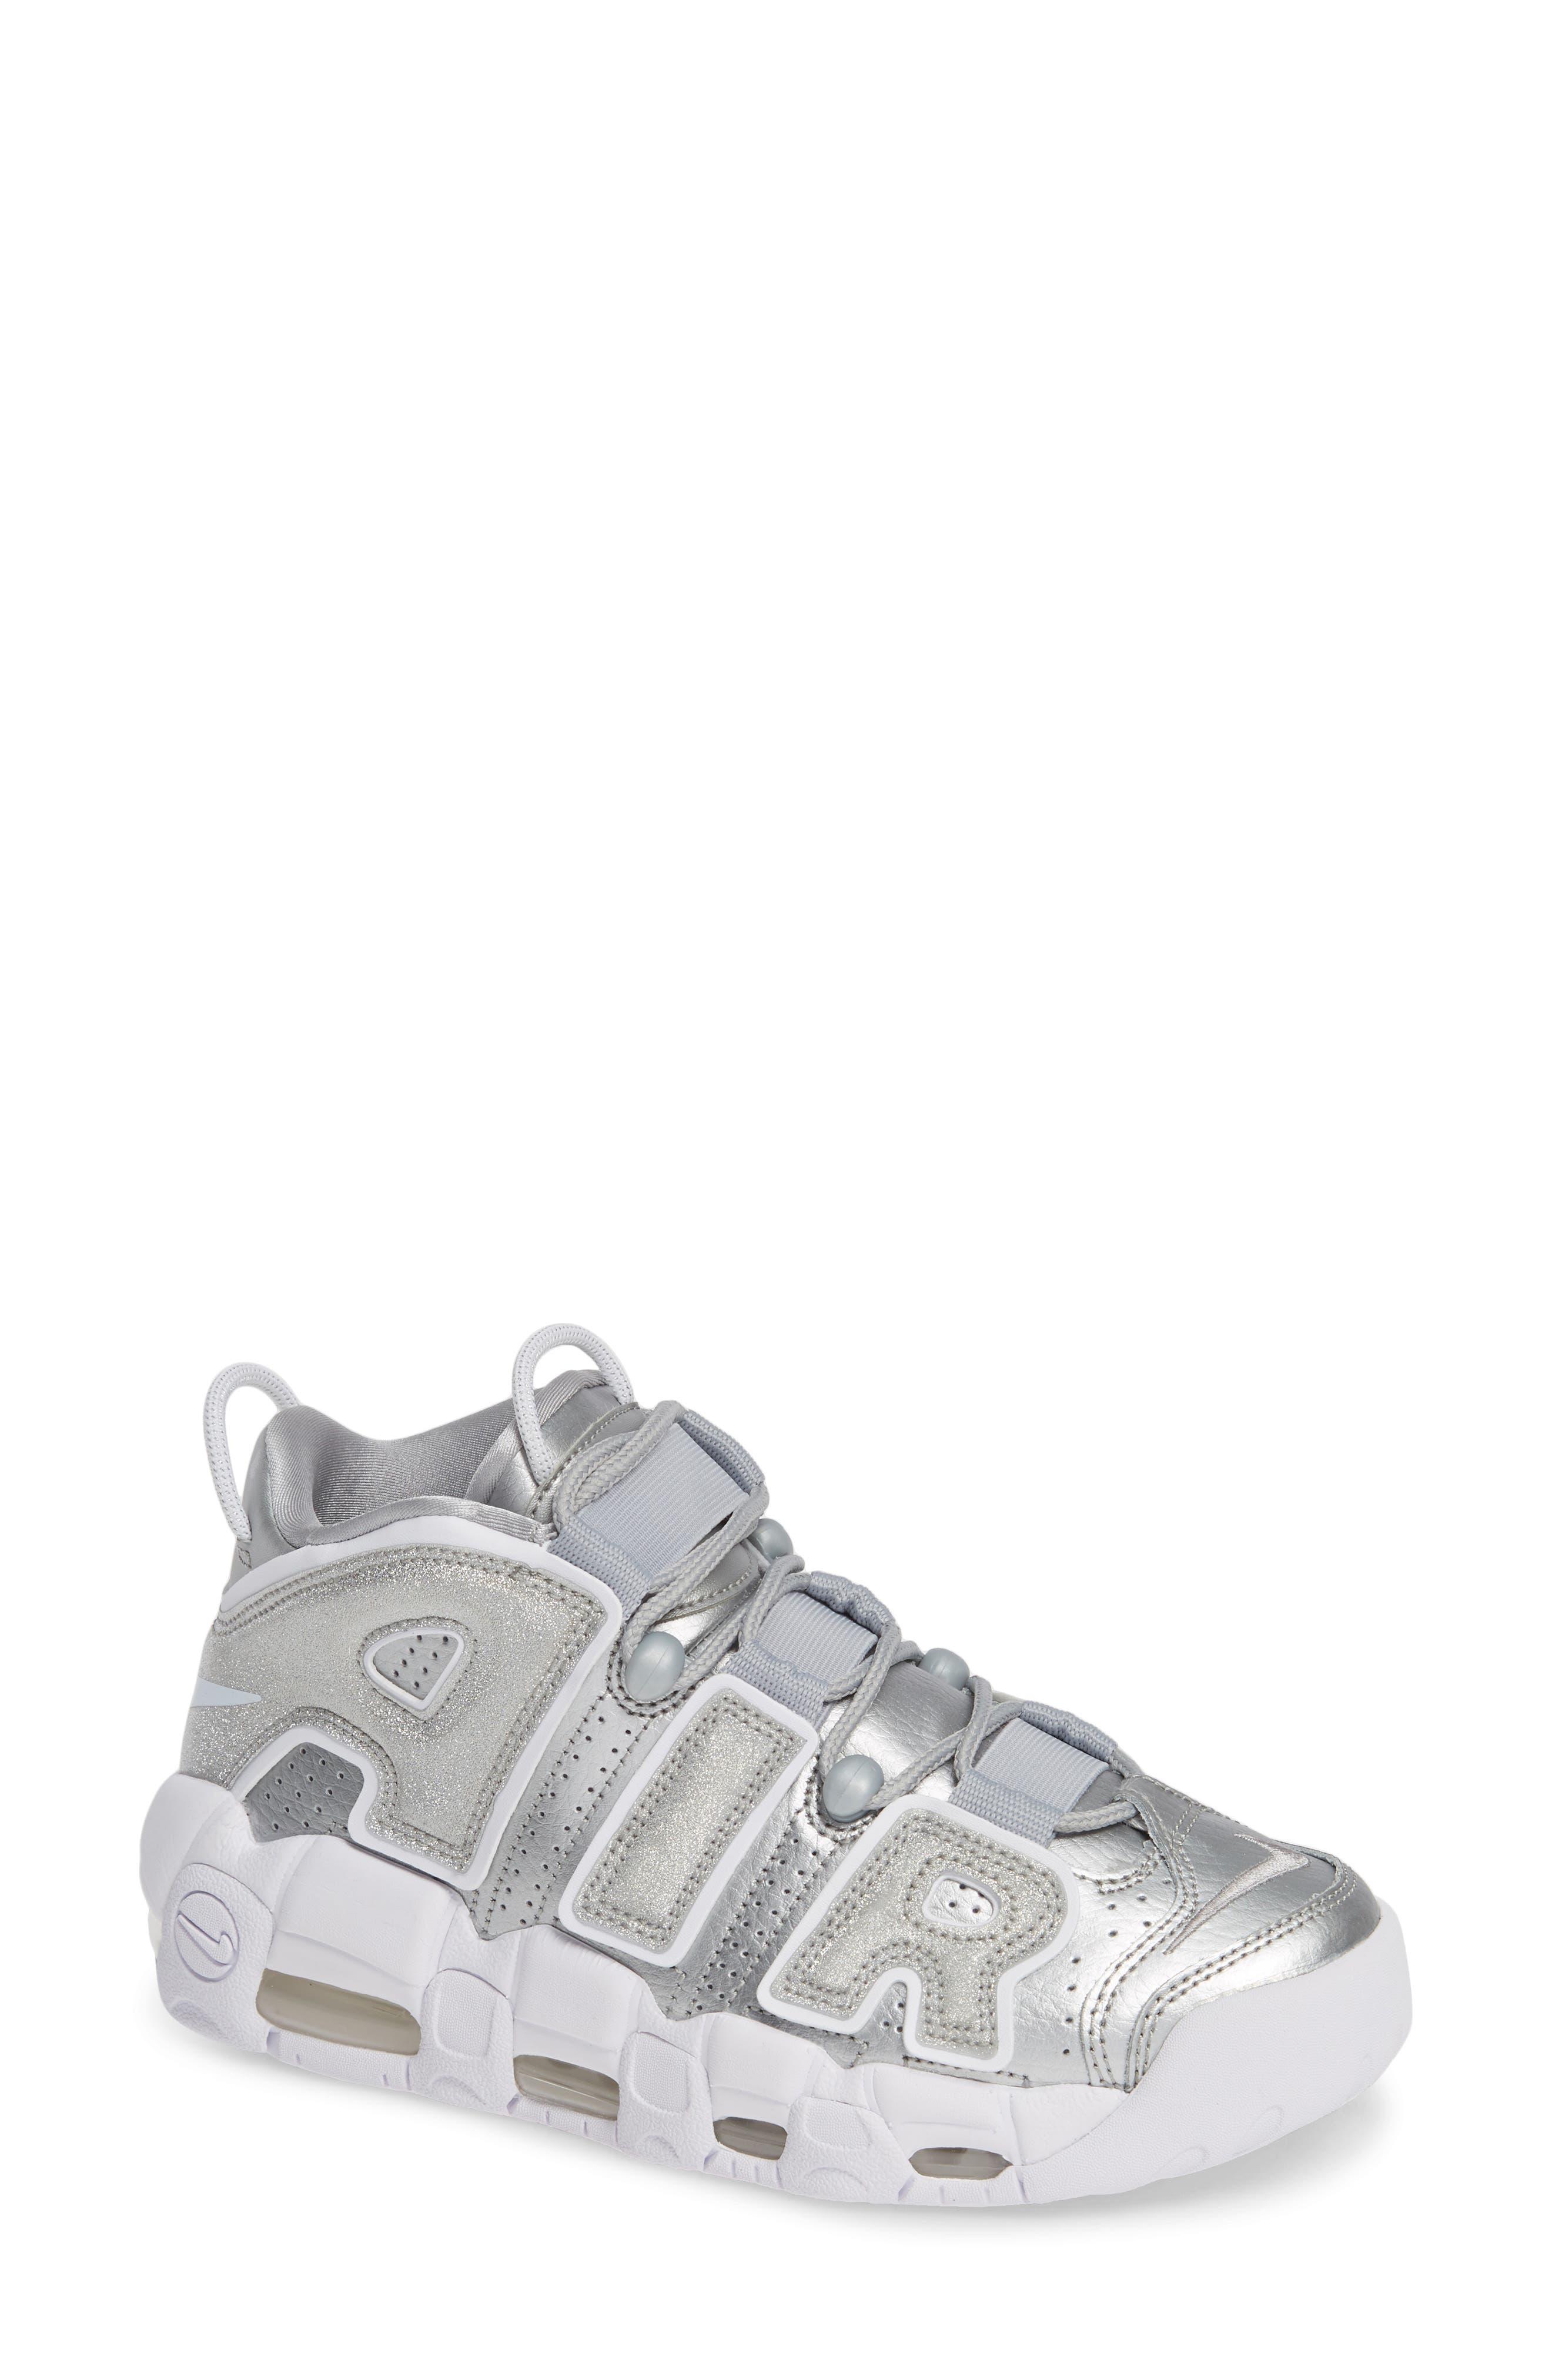 Air More Uptempo Sneaker,                             Main thumbnail 1, color,                             METALLIC SILVER